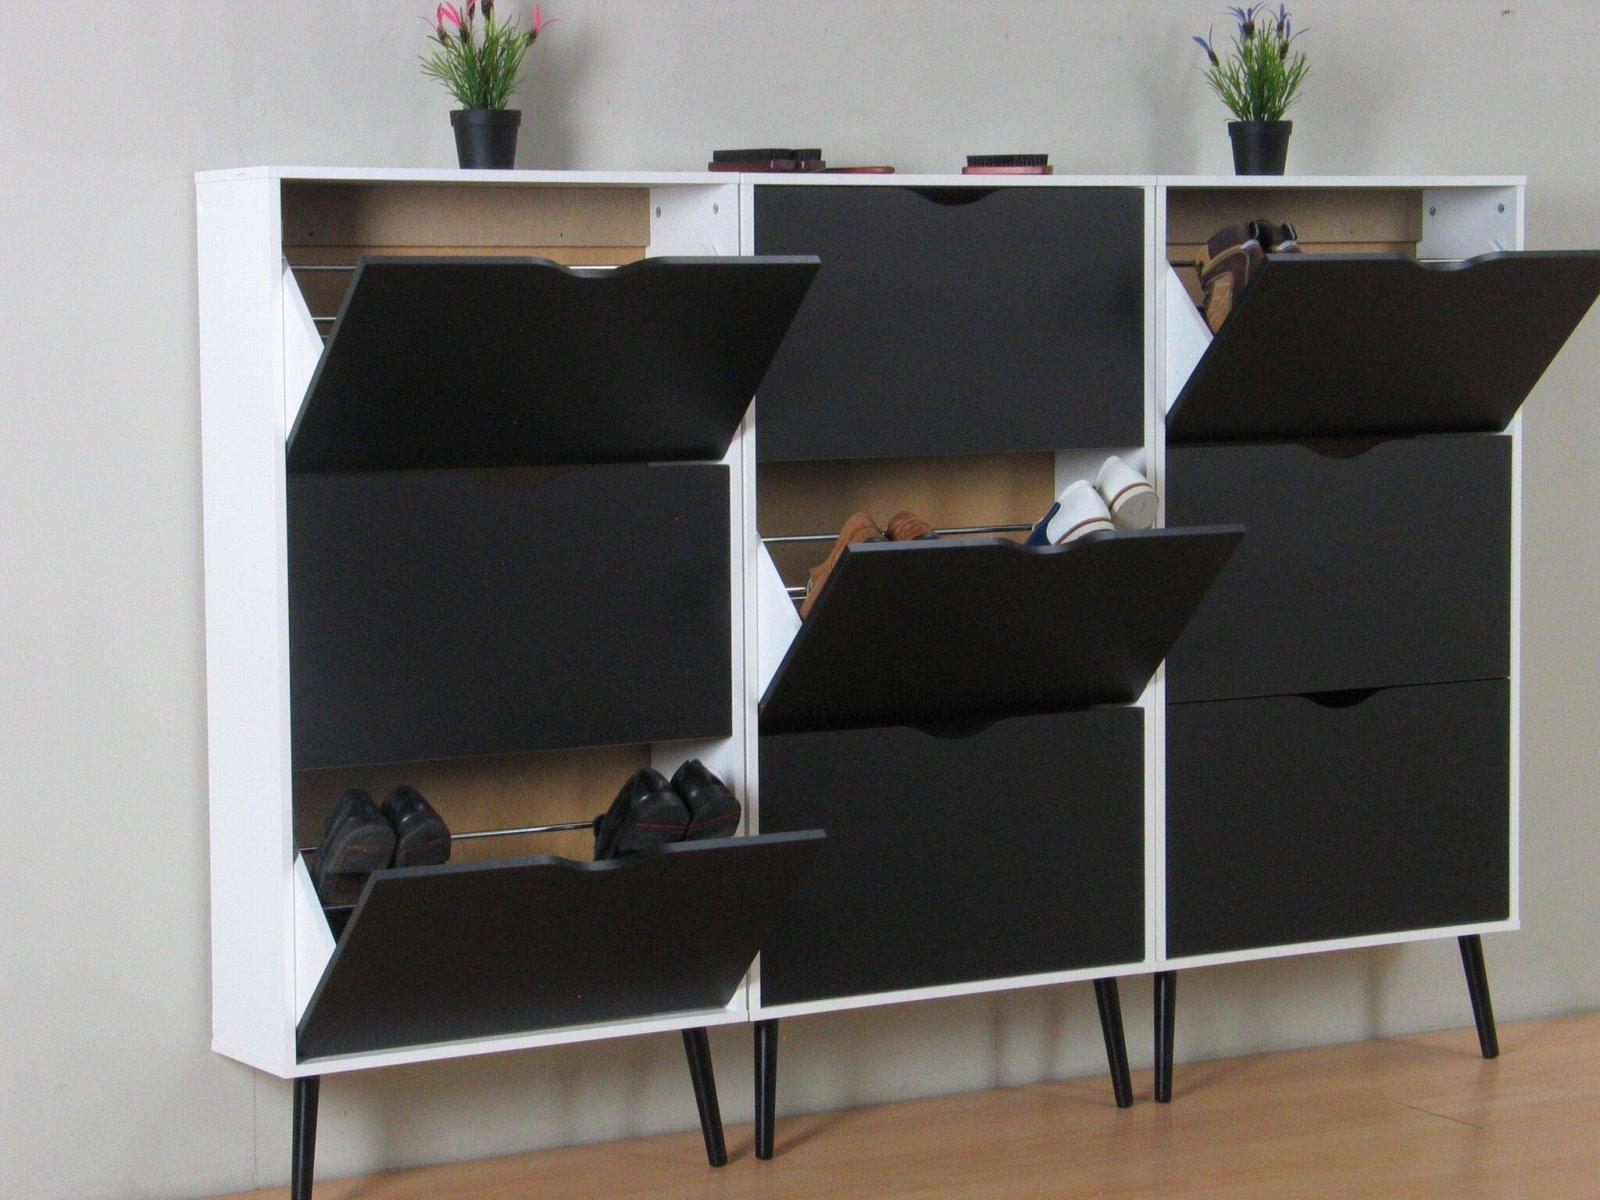 3x schuhschrank napoli schuhkipper schuhregal flur dielen schrank schwarz wei ebay. Black Bedroom Furniture Sets. Home Design Ideas